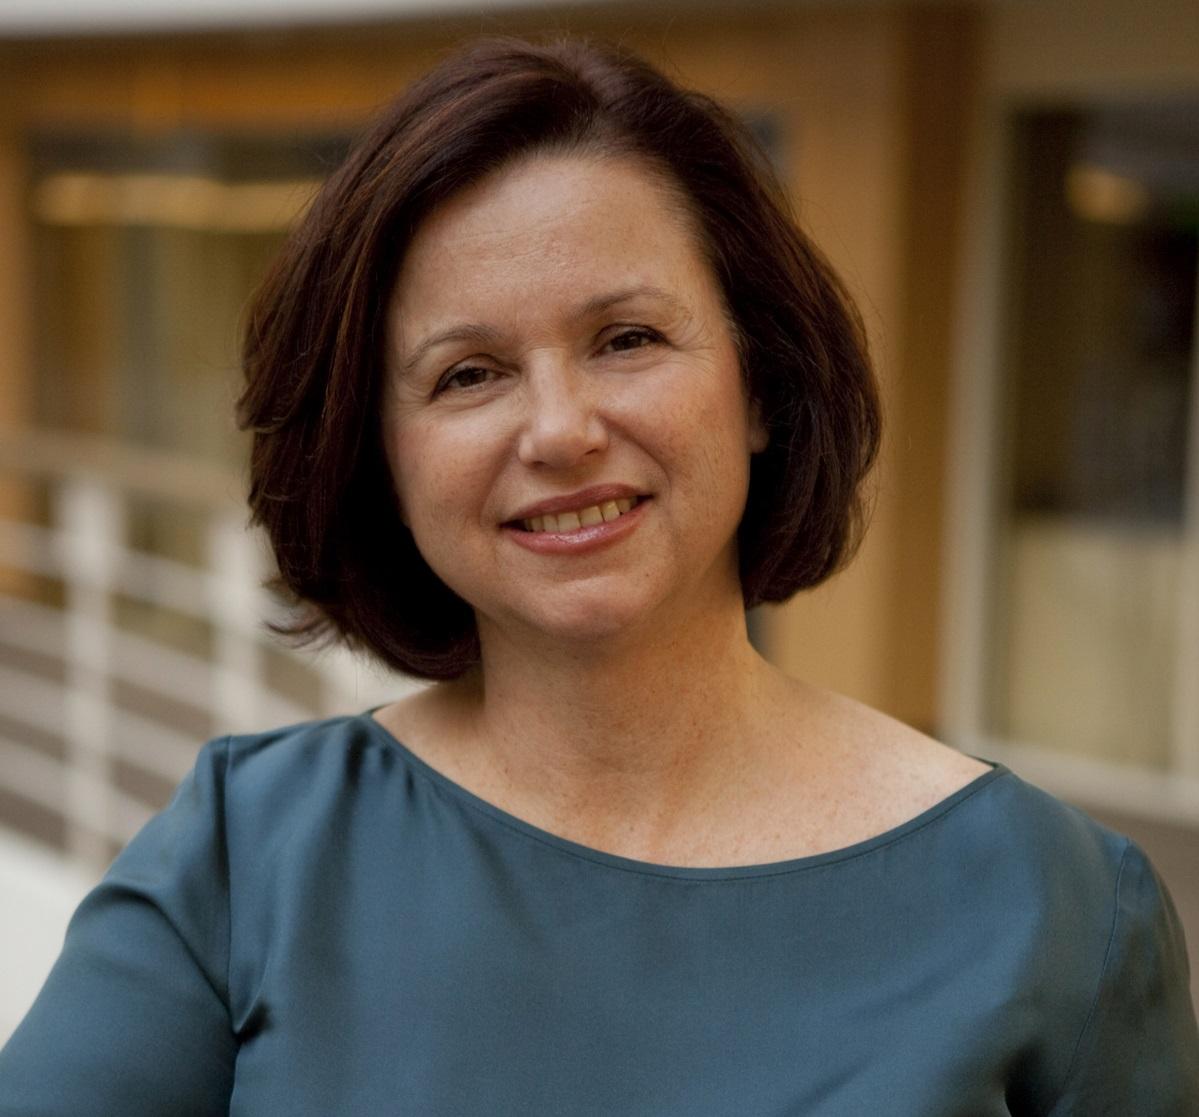 Linda Burch